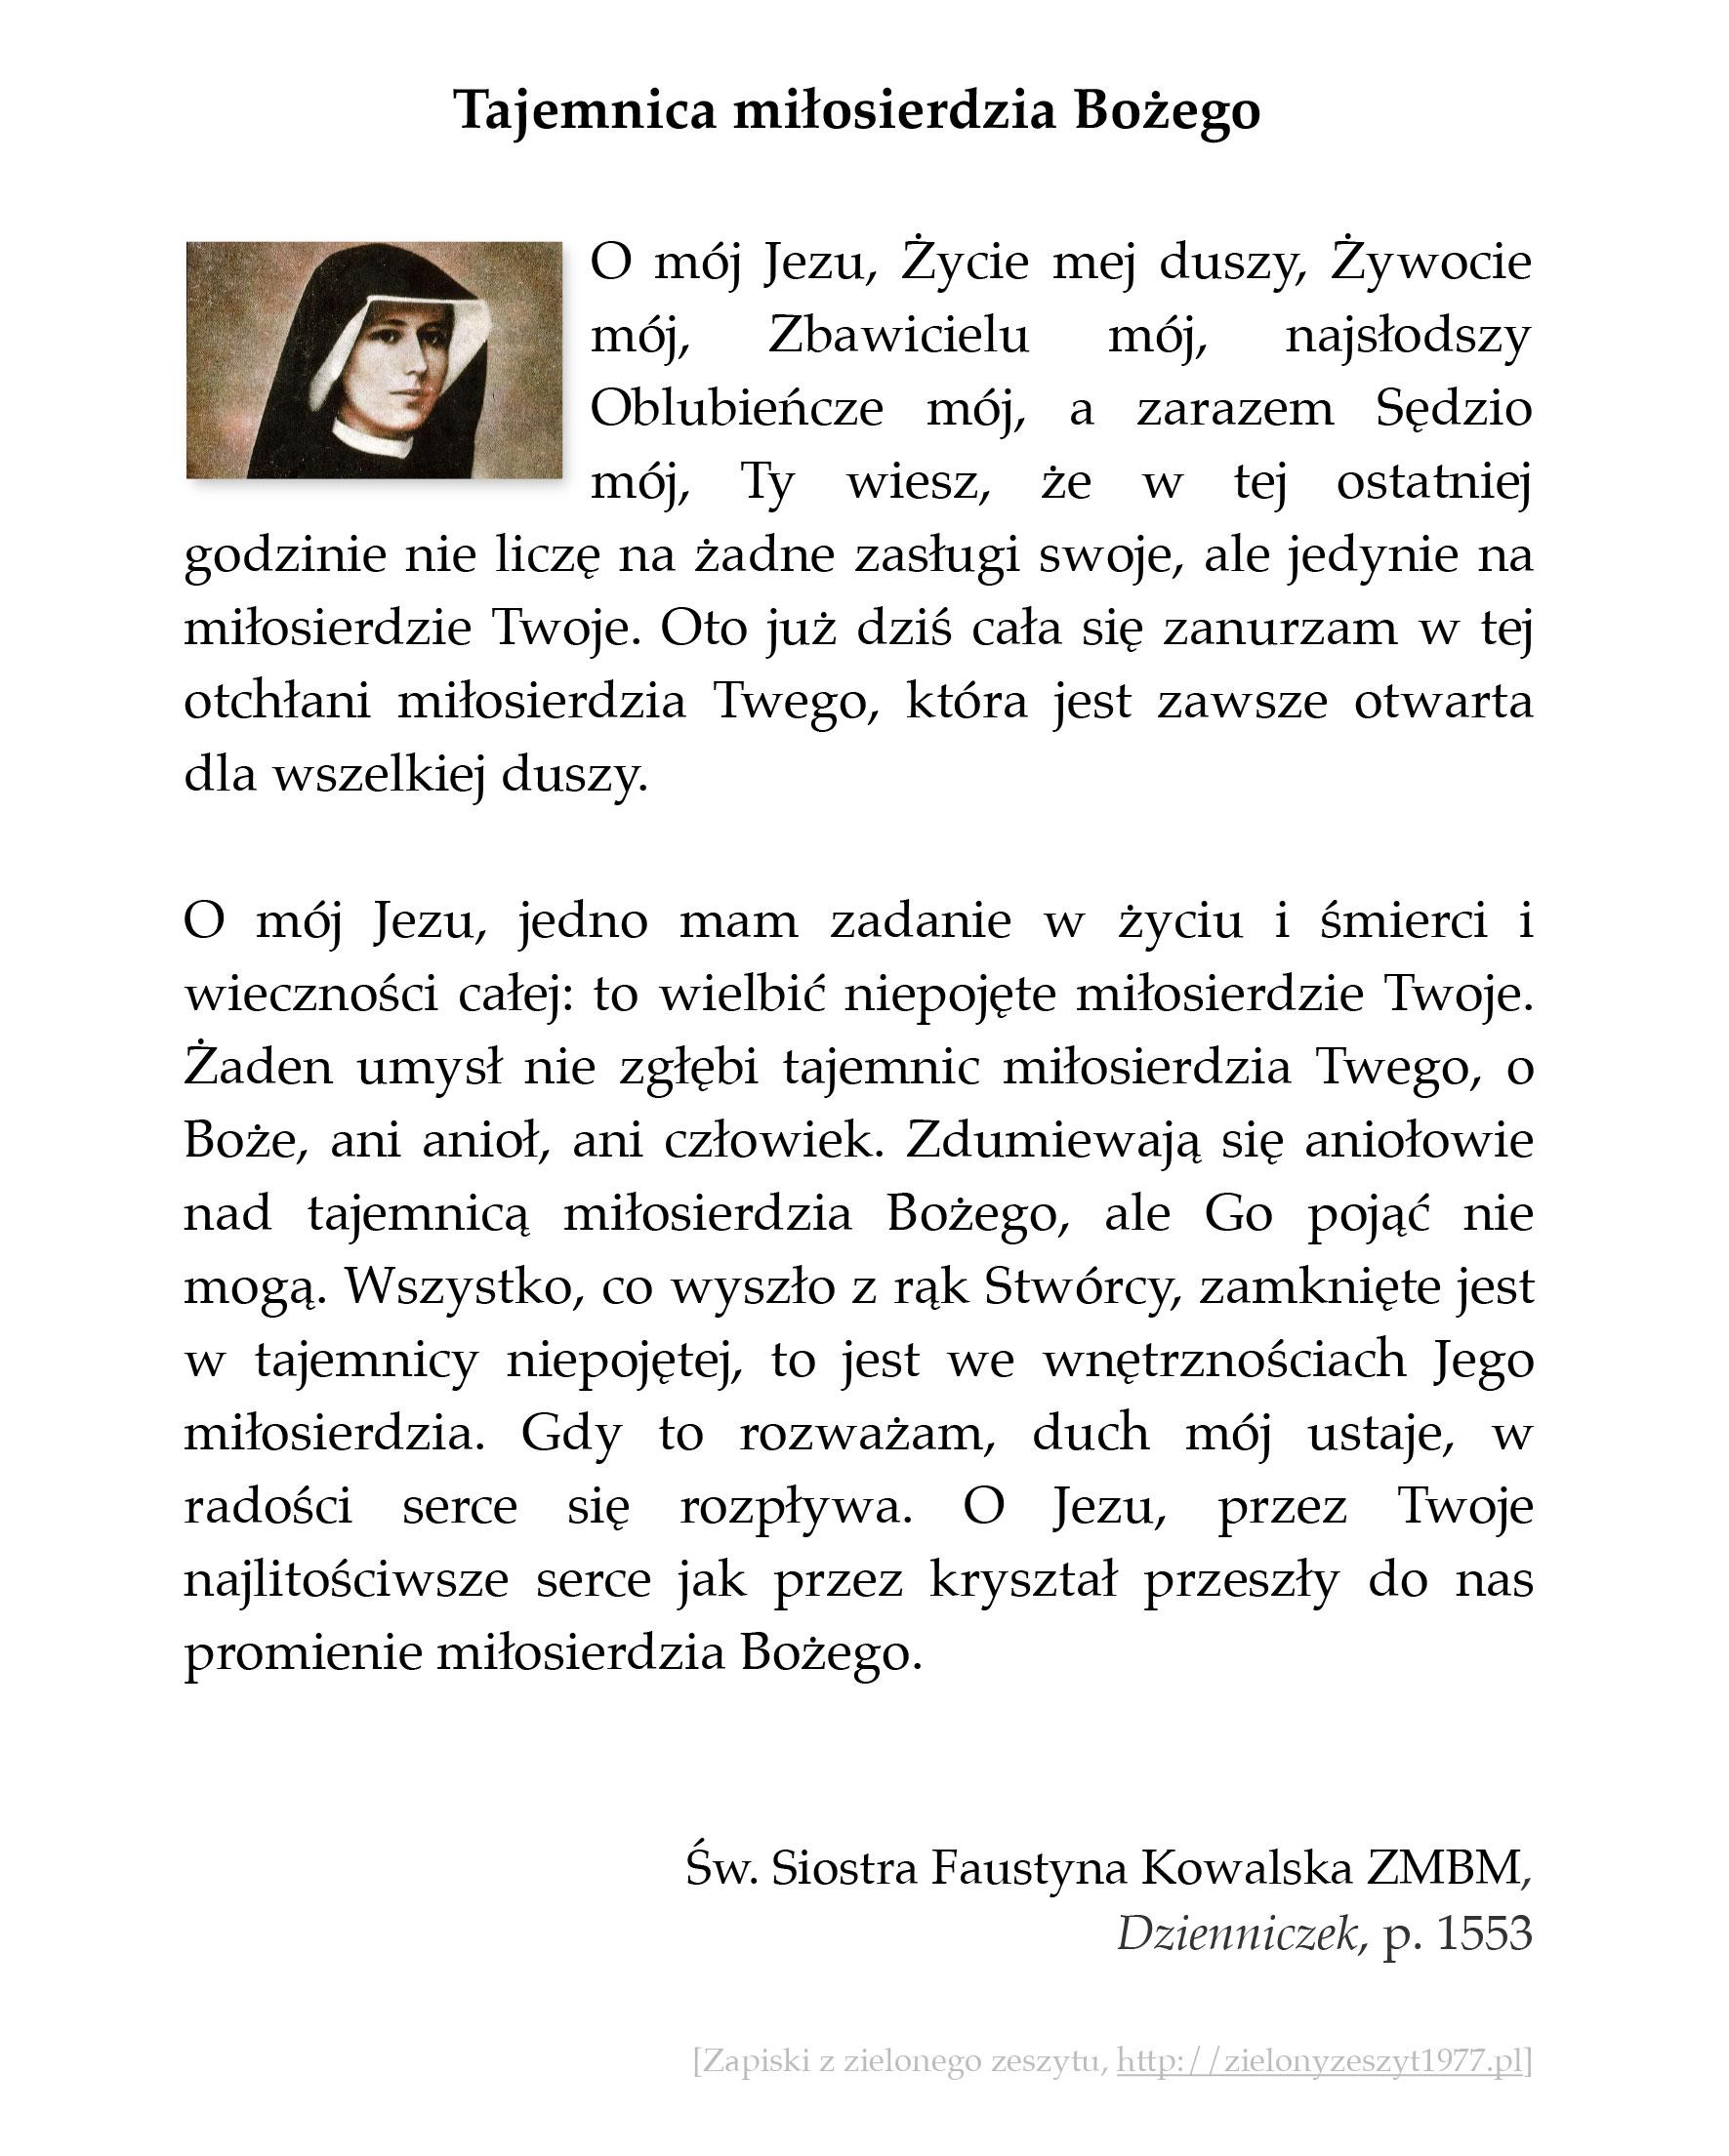 Tajemnica miłosierdzia Bożego; św. Faustyna Kowalska